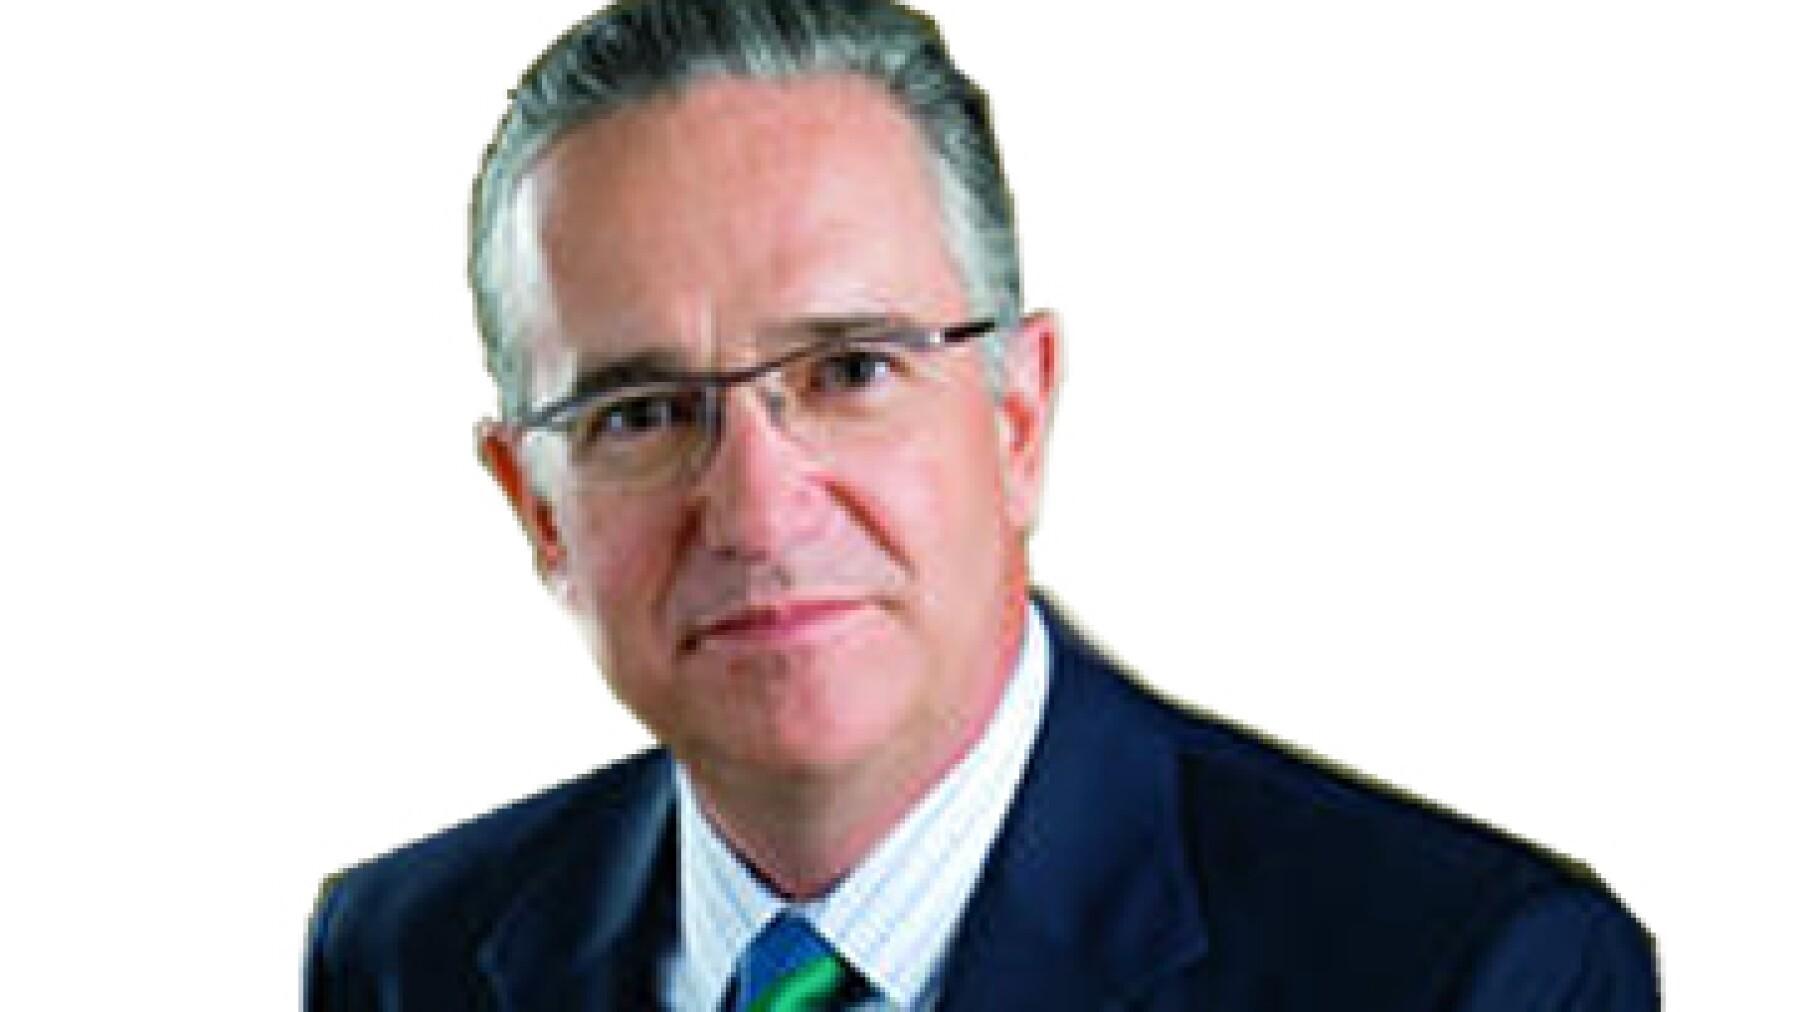 En 2012 Ricardo Salinas perdió cuatro posiciones en el ranking 'Los 100 empresarios más importantes de México'. Este año se anotó un punto con la alianza Televisa-Iusacell, pero Grupo Elektra ha perdido valor. (Foto: Especial)